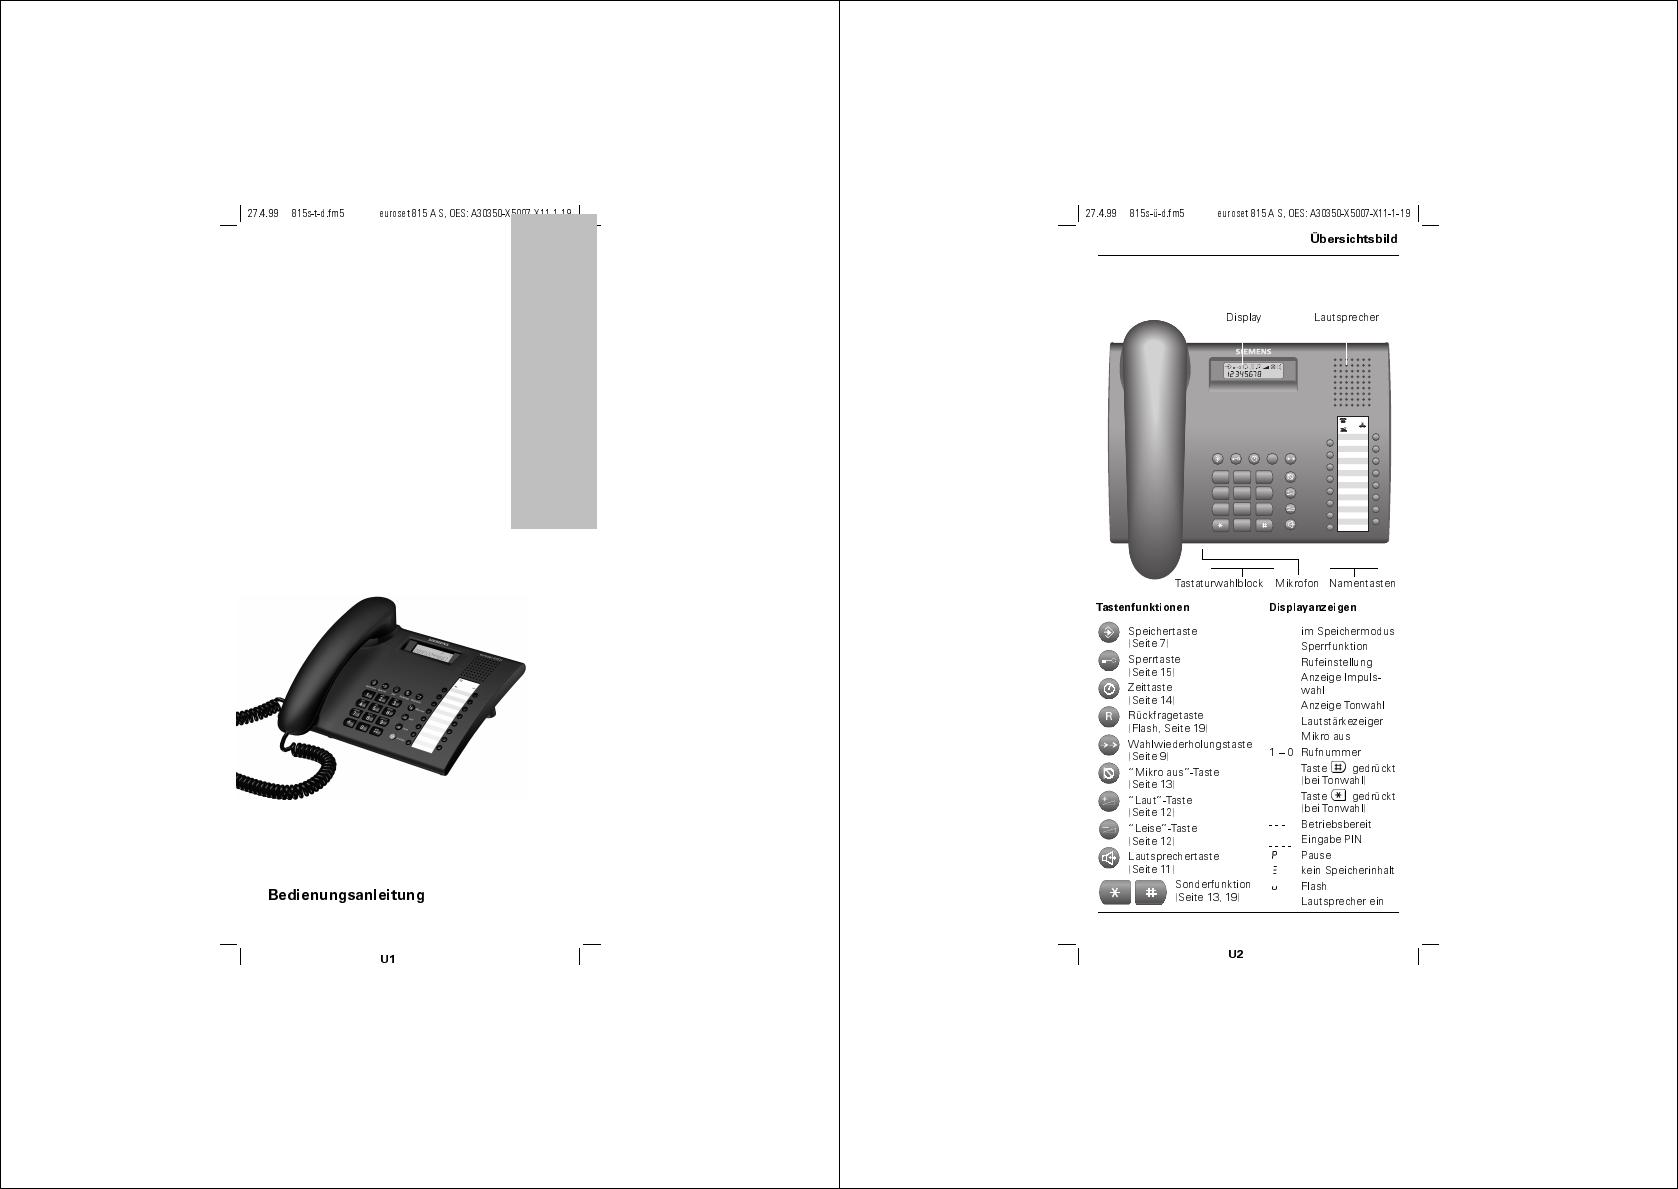 Manual de instrucciones telefono siemens euroset 5005